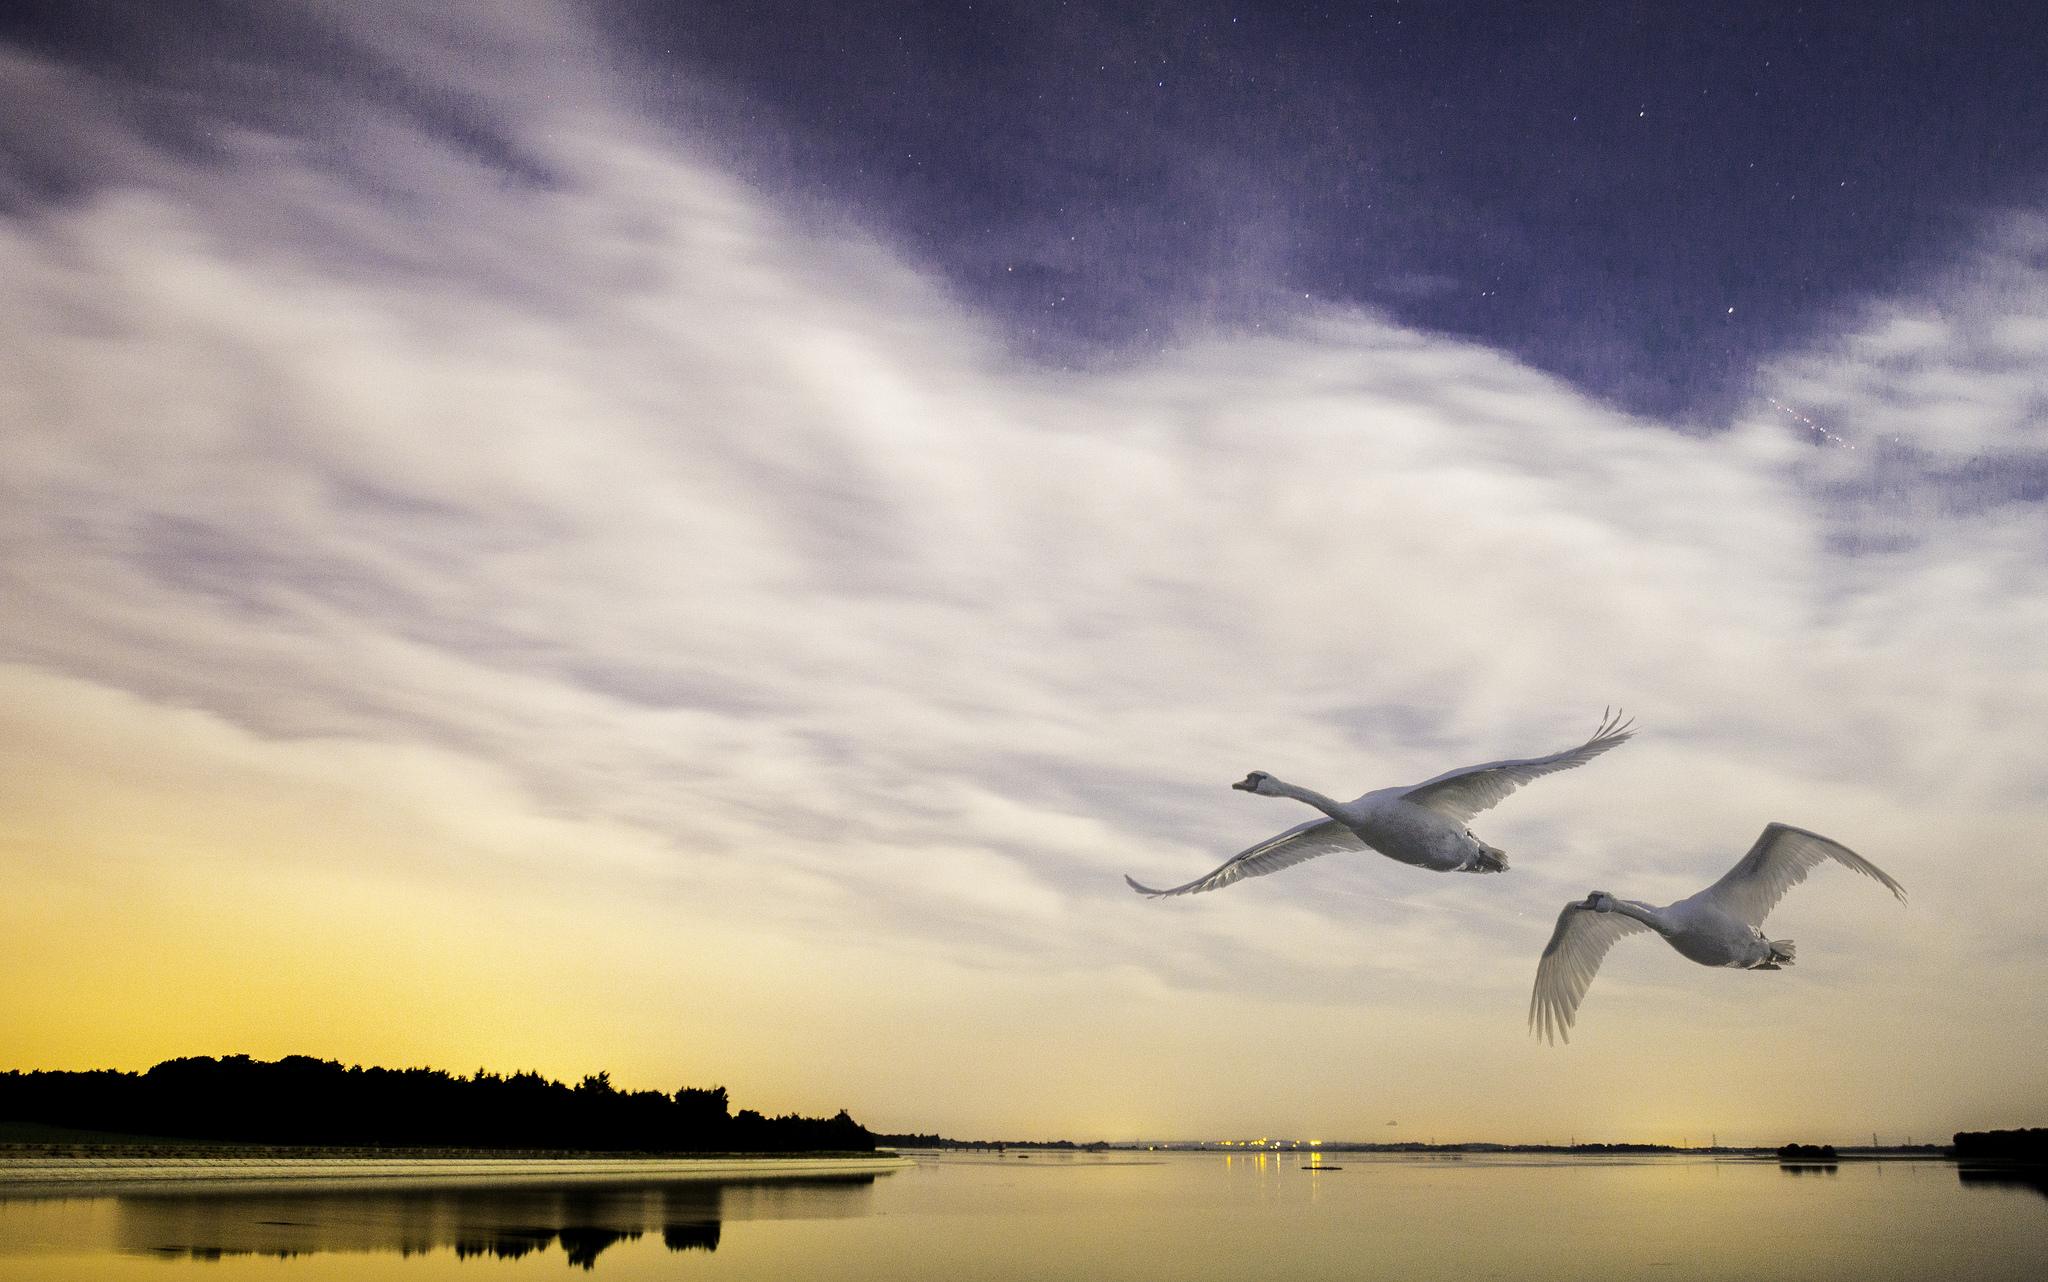 Aves volando sobre un lago - 2048x1282